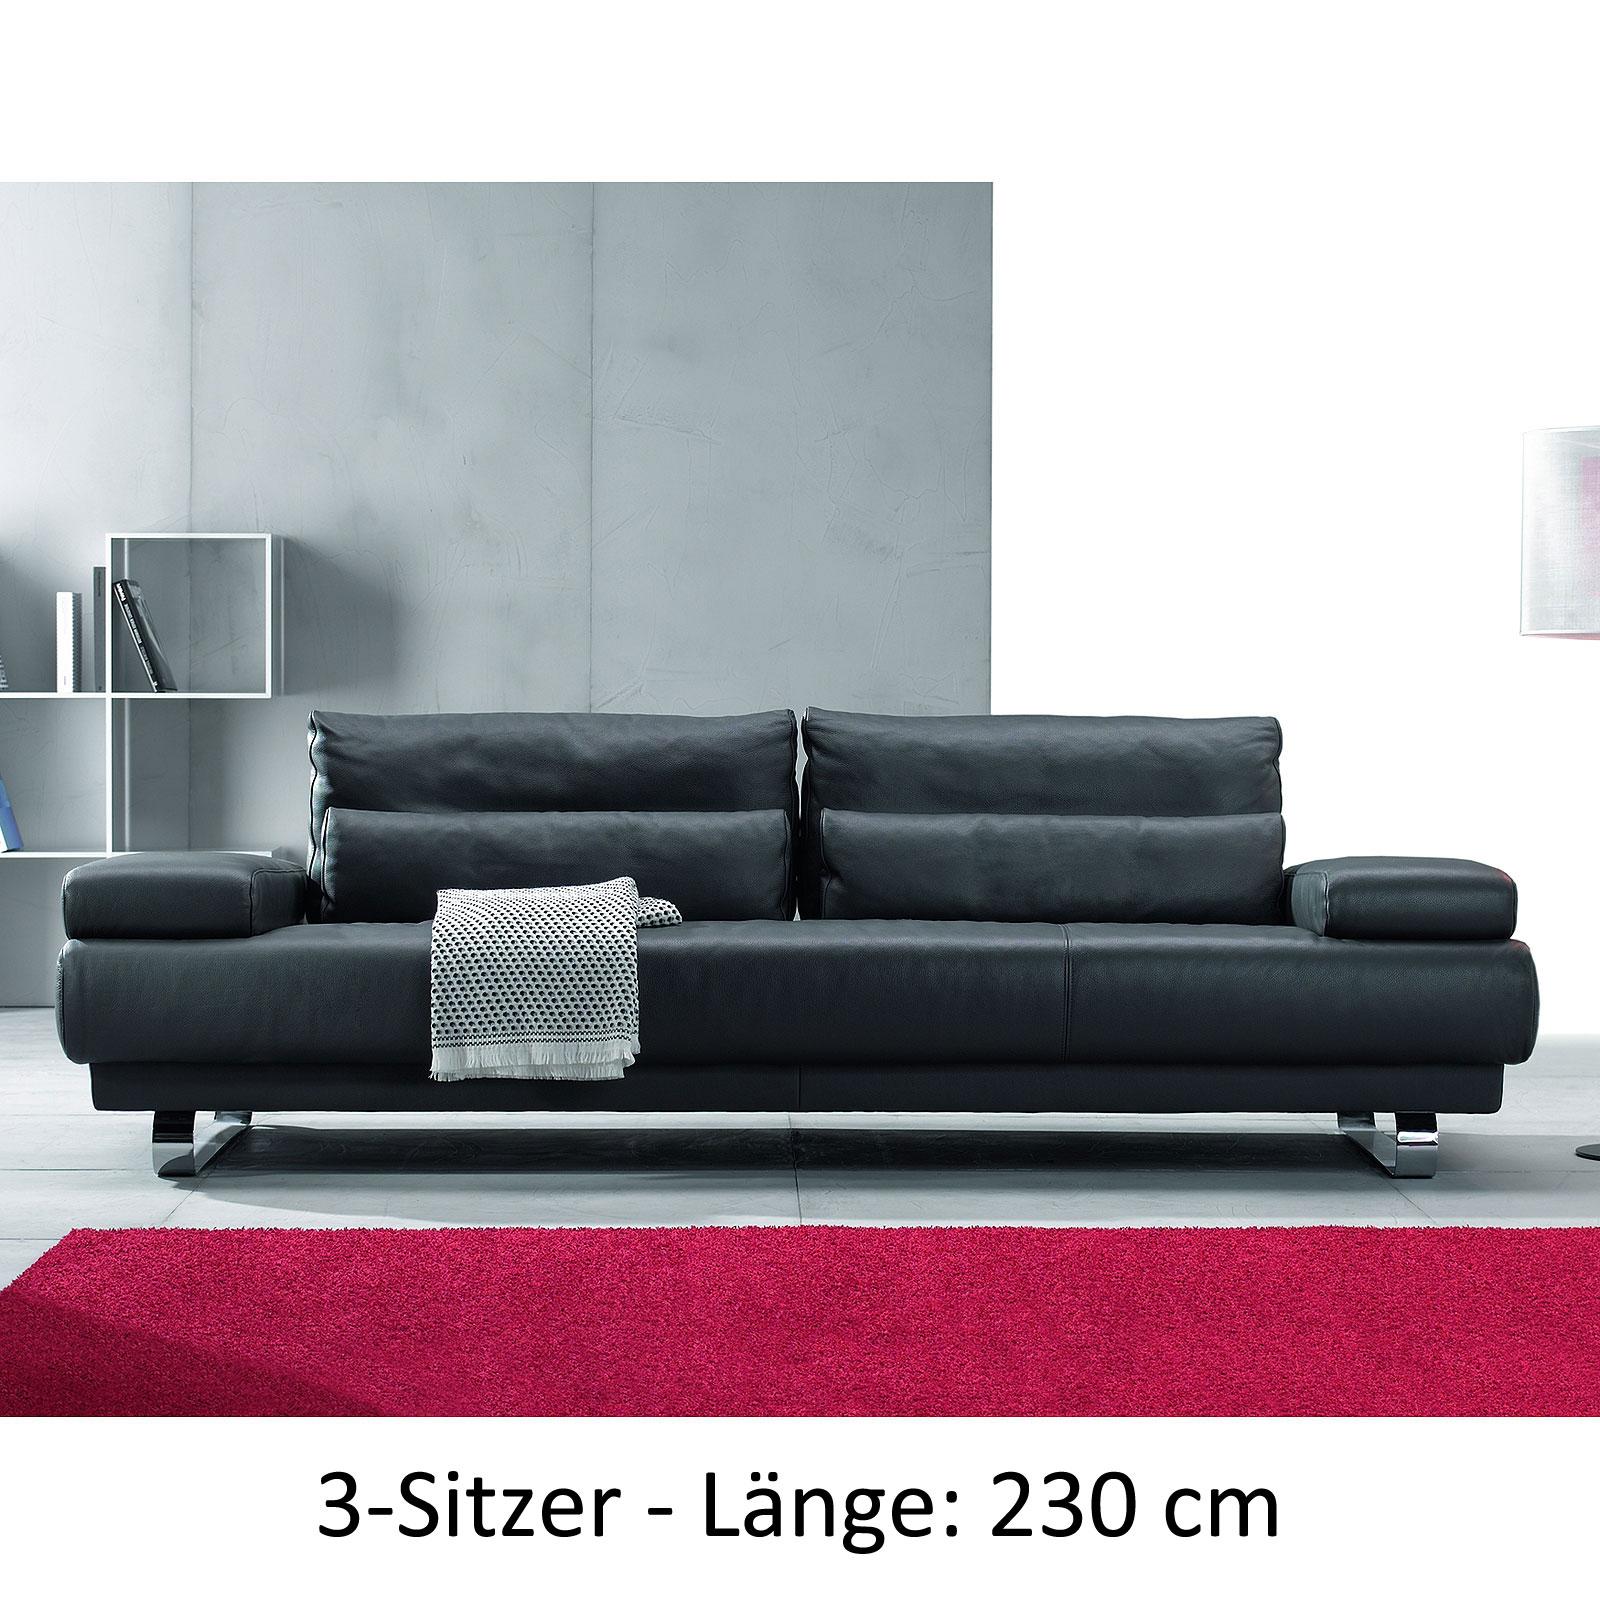 Erstaunlich Sofa Sitztiefenverstellung Referenz Von Sofa-harry-leder-schwarz-sitztiefenverstellung-2-groessen-auswahl-